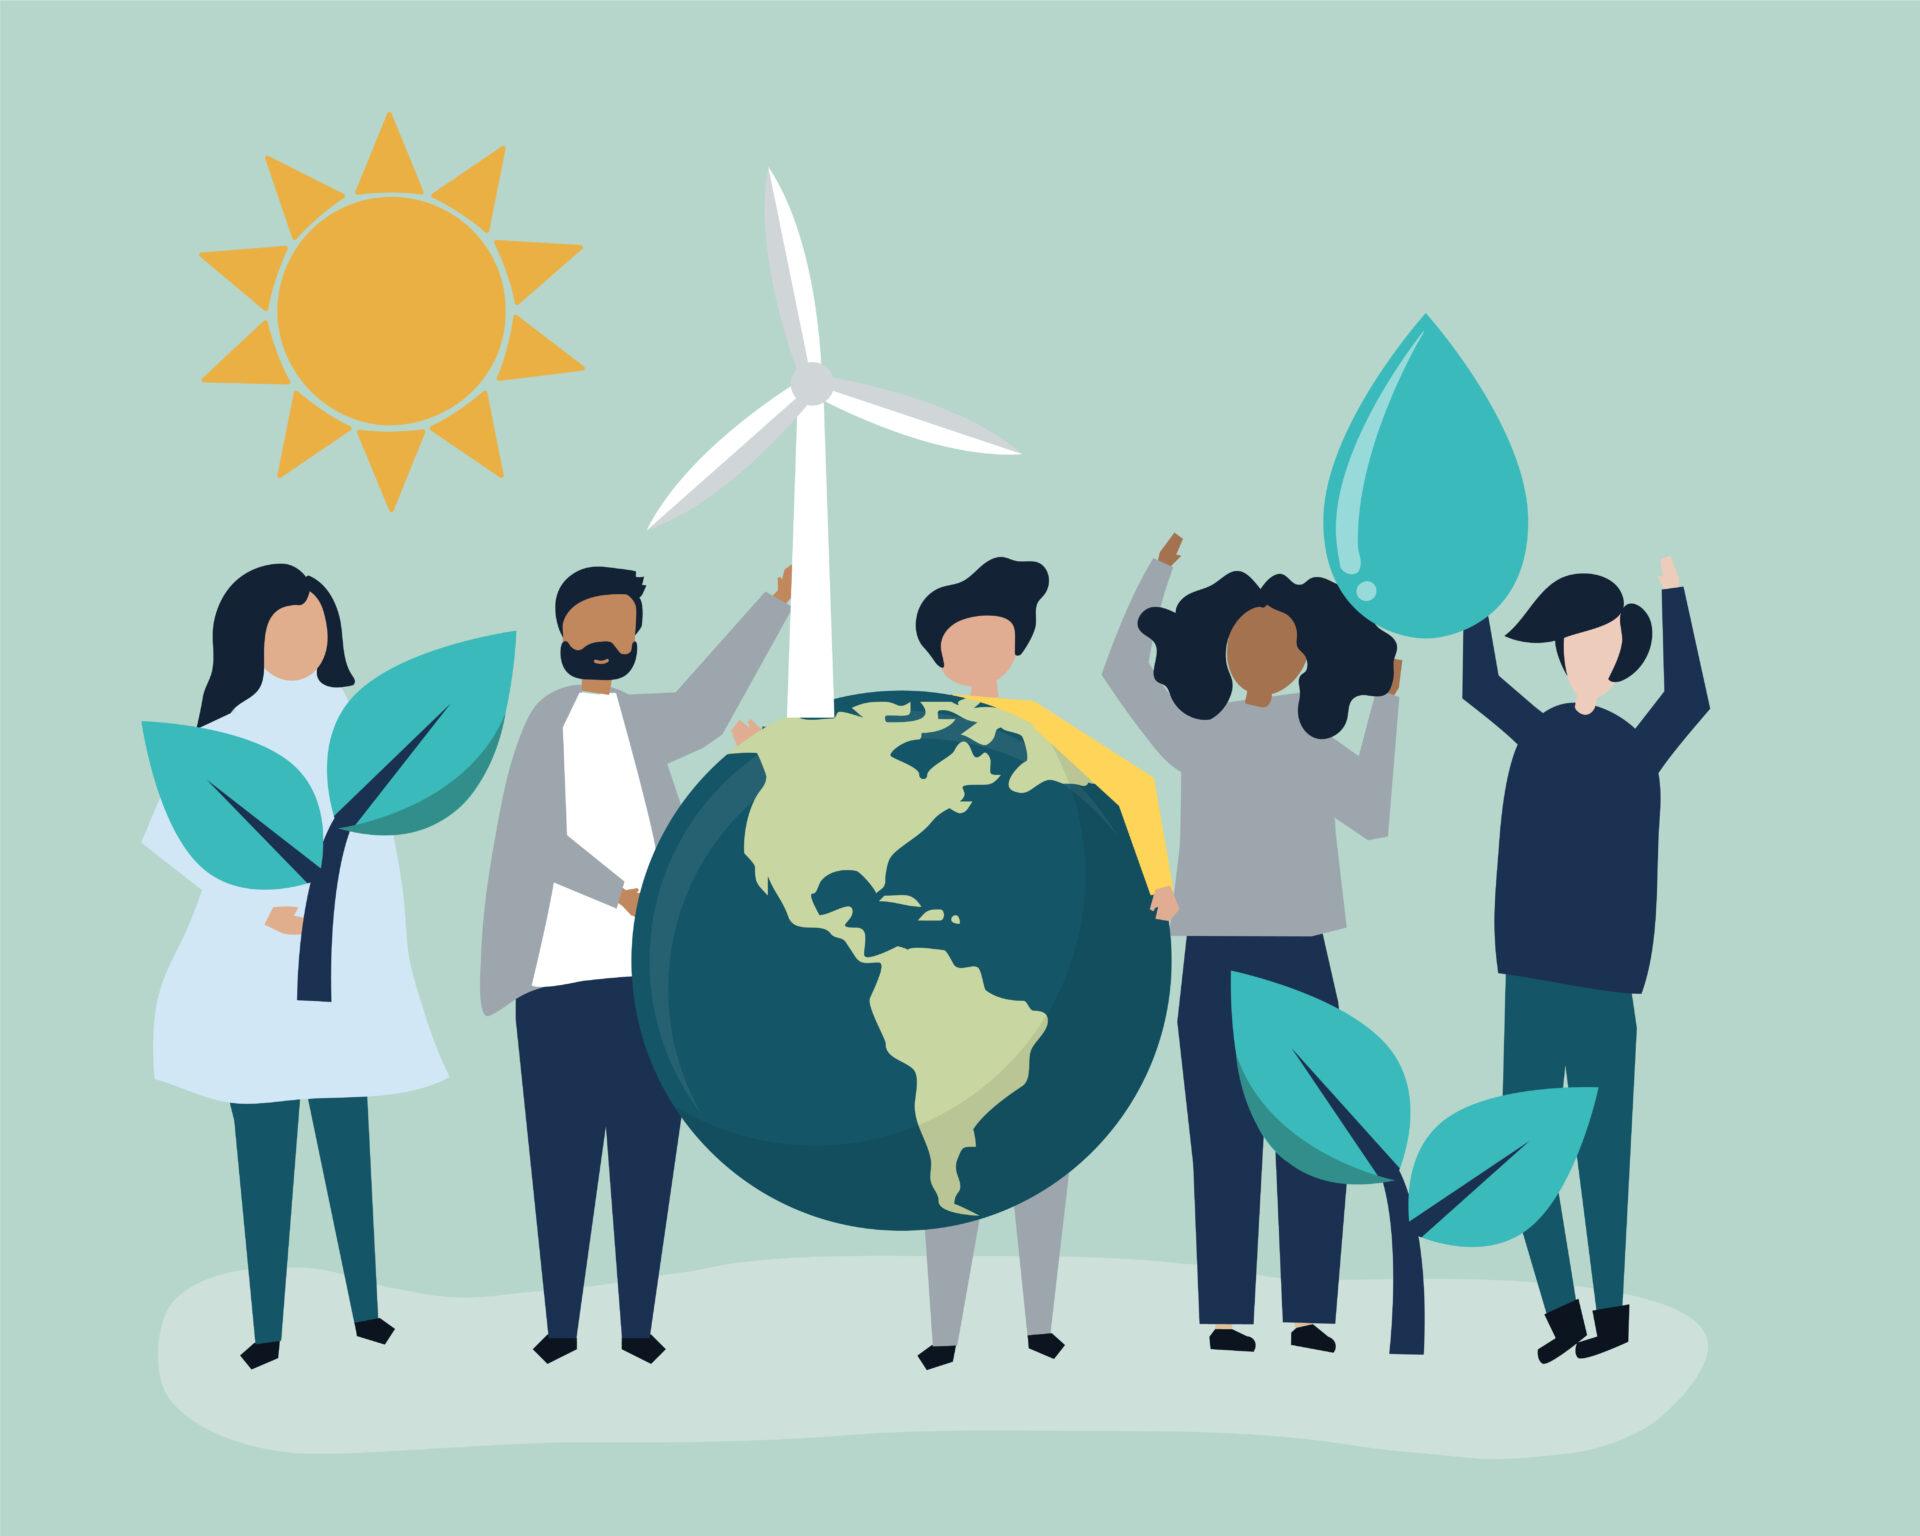 Das Bild zeigt Bürger:innen inmitten von Sinnbildern für die Energiewende: Sprösslinge, Windräder, Sonne, Wasser und die Erde.